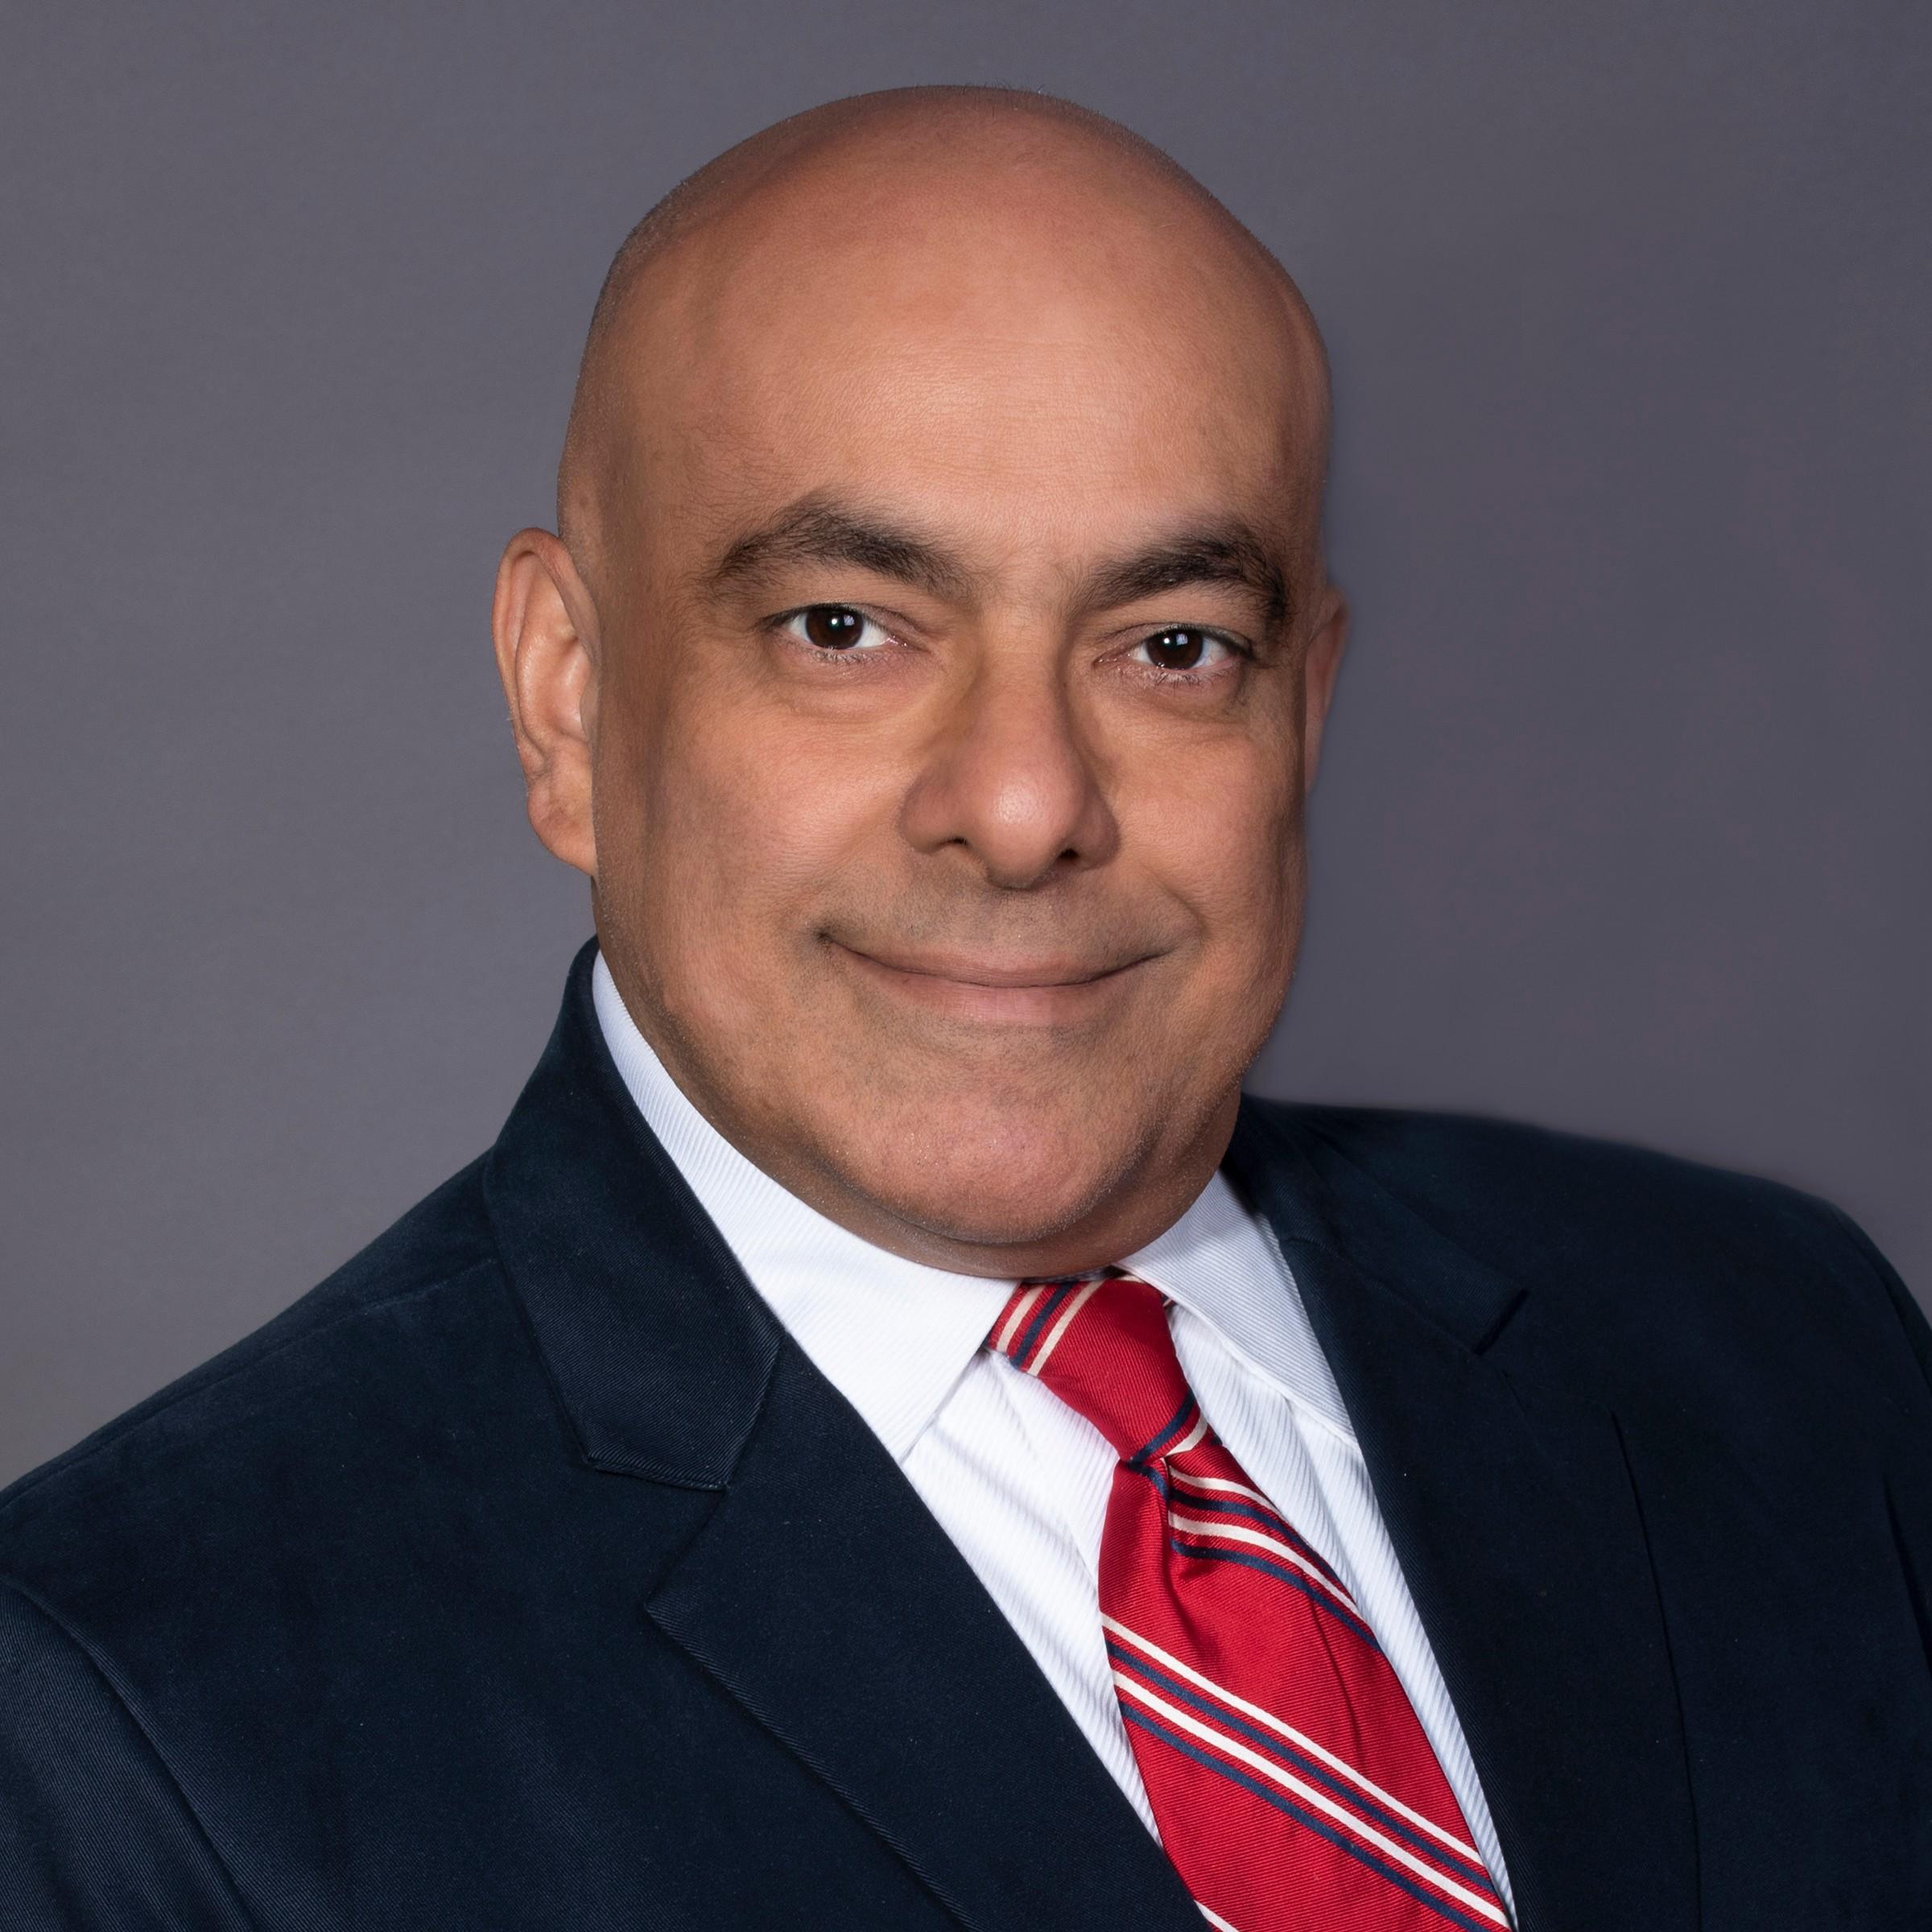 Shahin Nouri